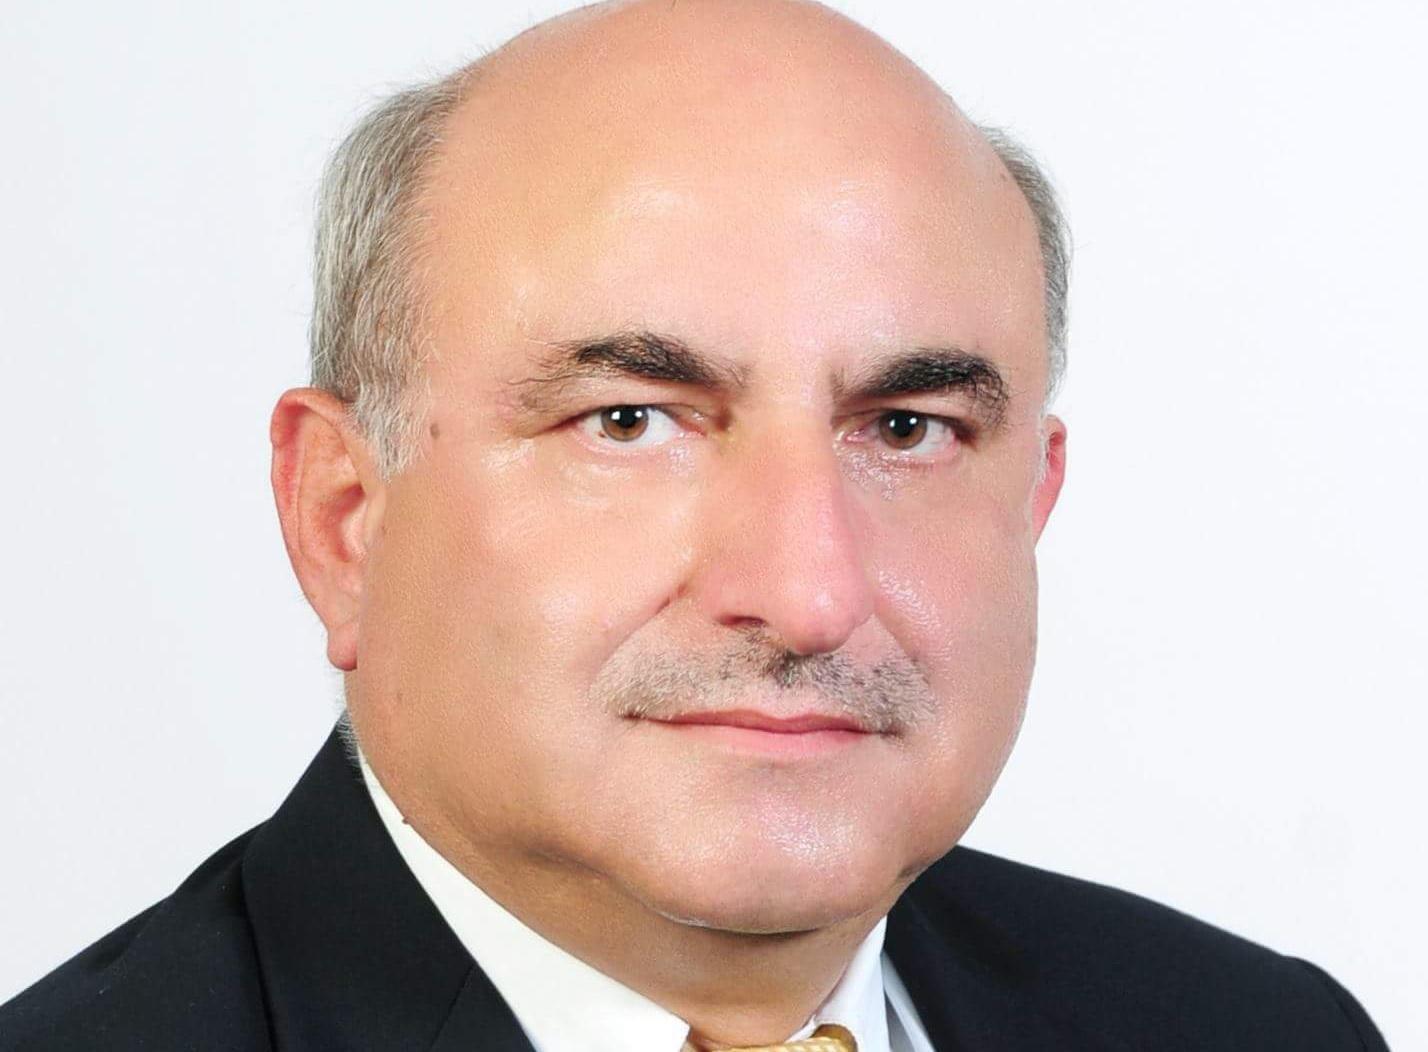 Χρίστος Ορφανίδης: Εξήγγειλε υποψηφιότητα για Αντιπρόεδρος του ΔΗΚΟ